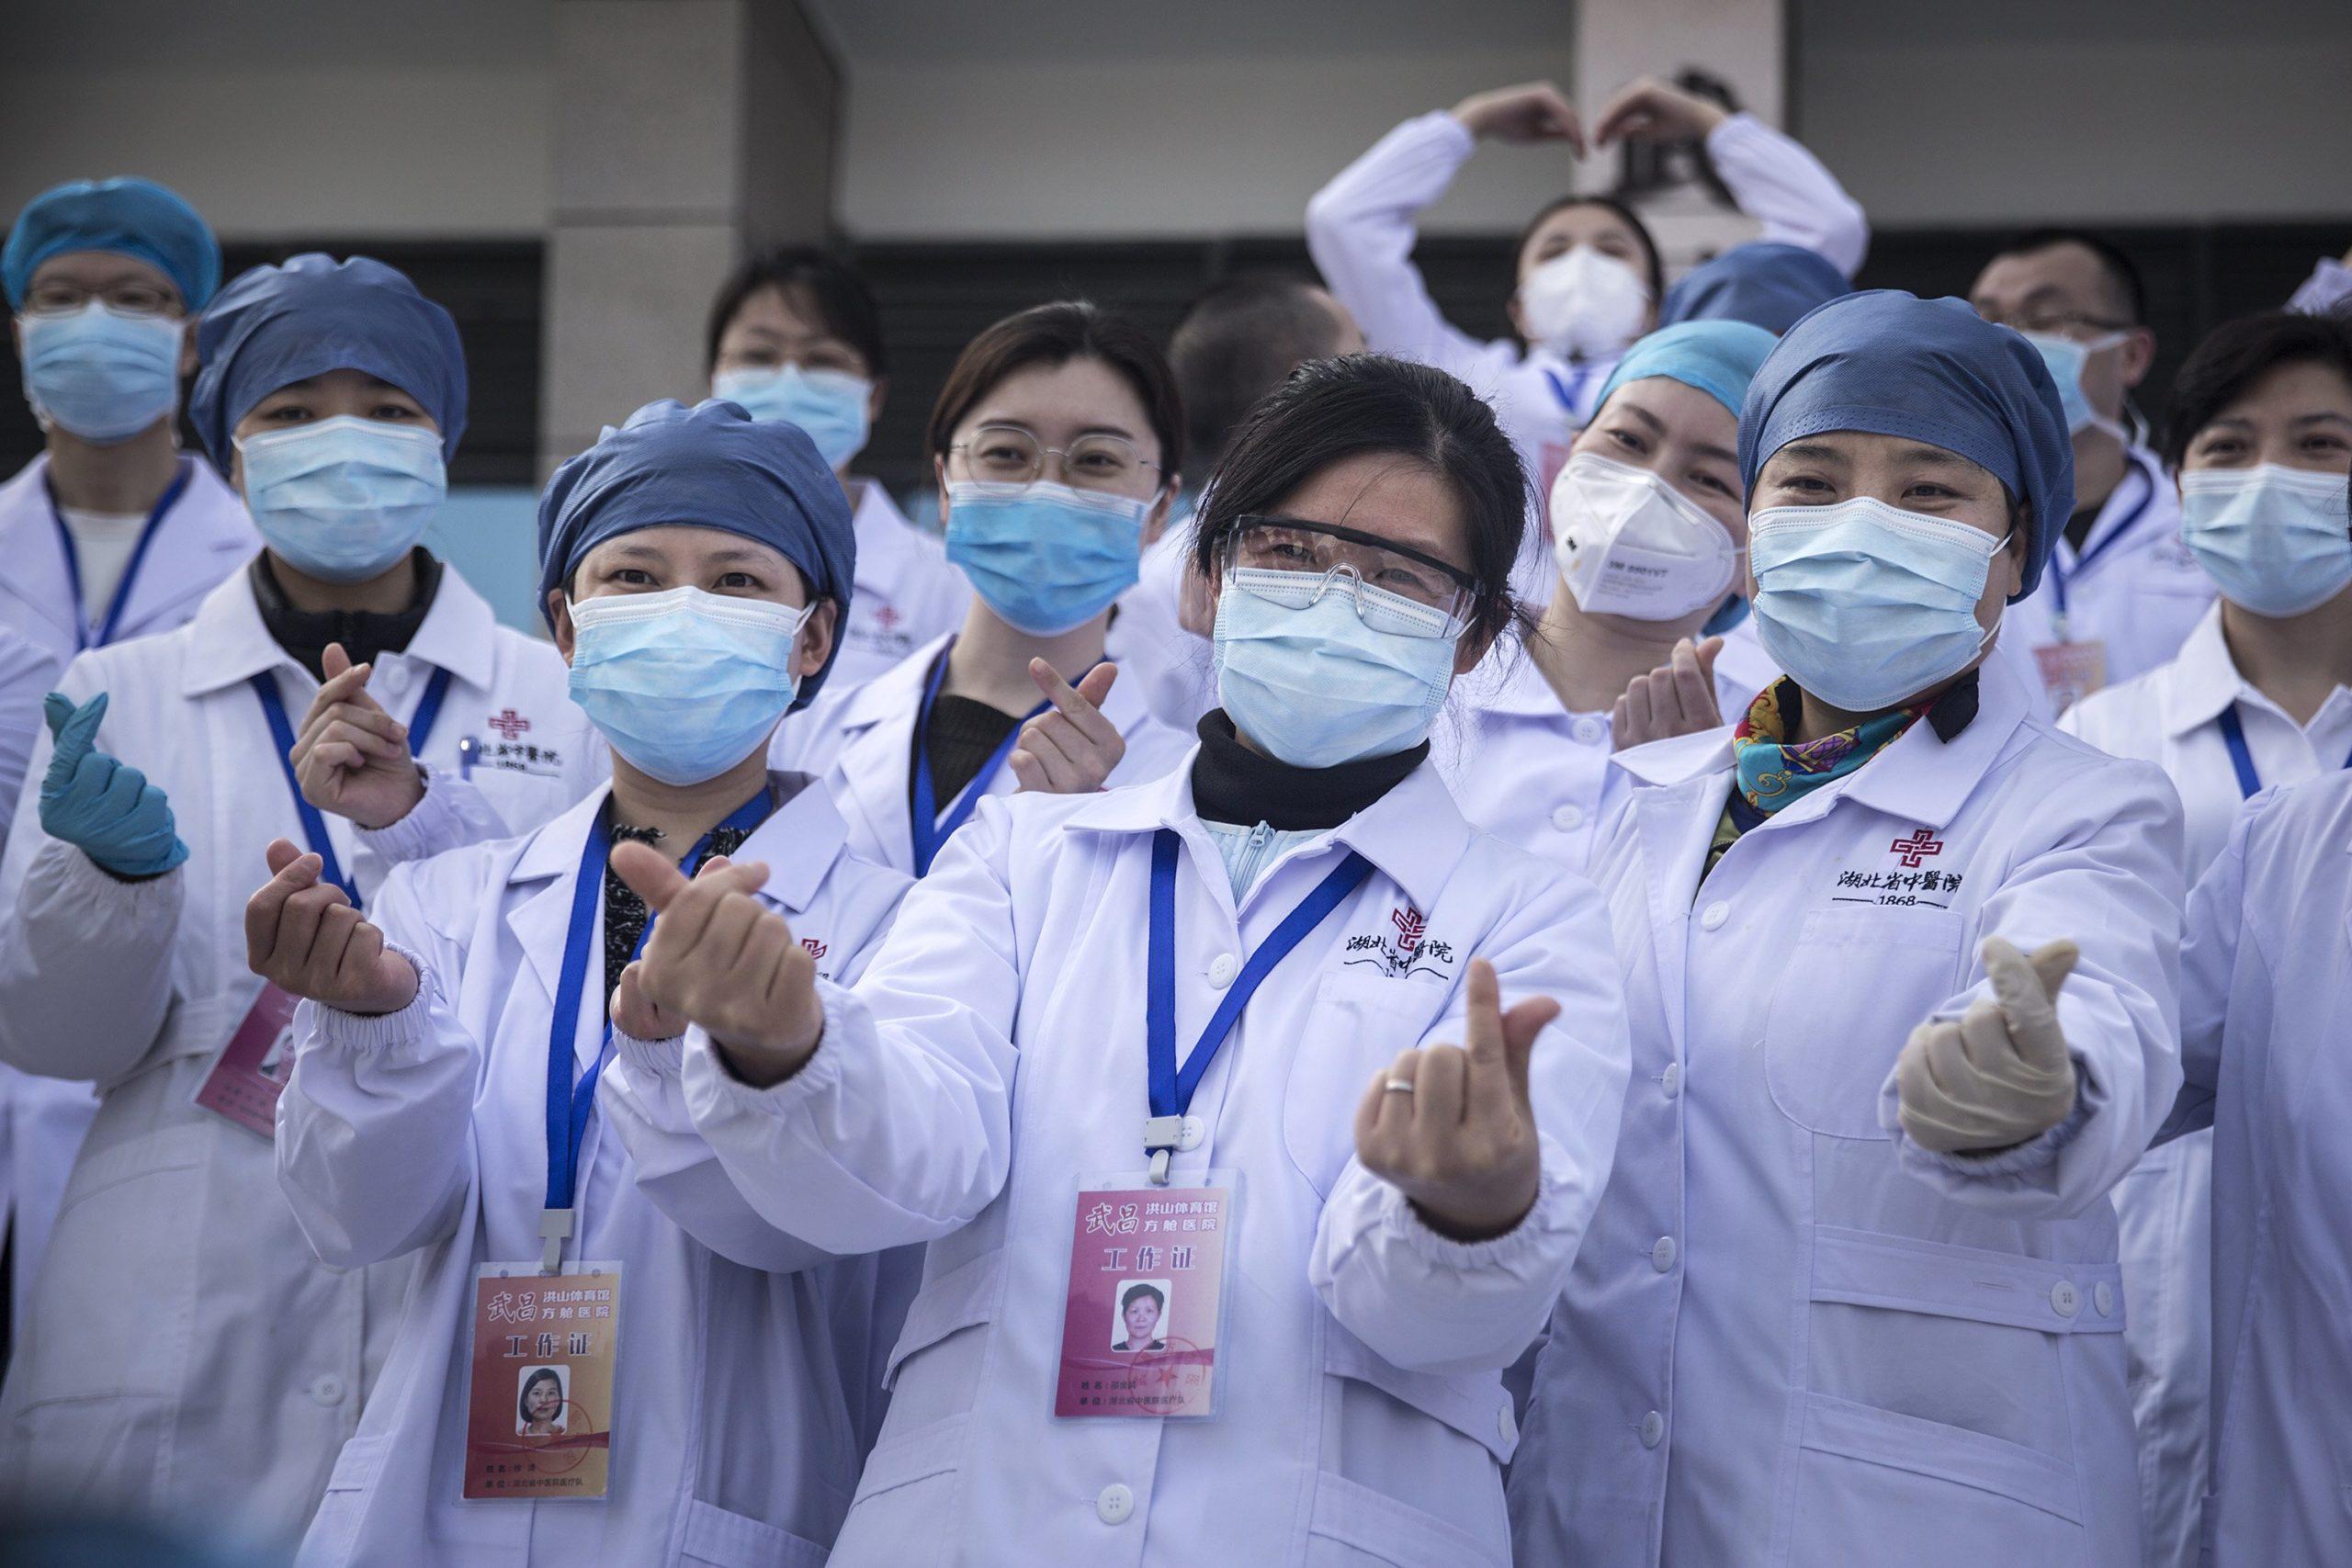 ¿Te infectarías de coronavirus por 4.500 dólares?